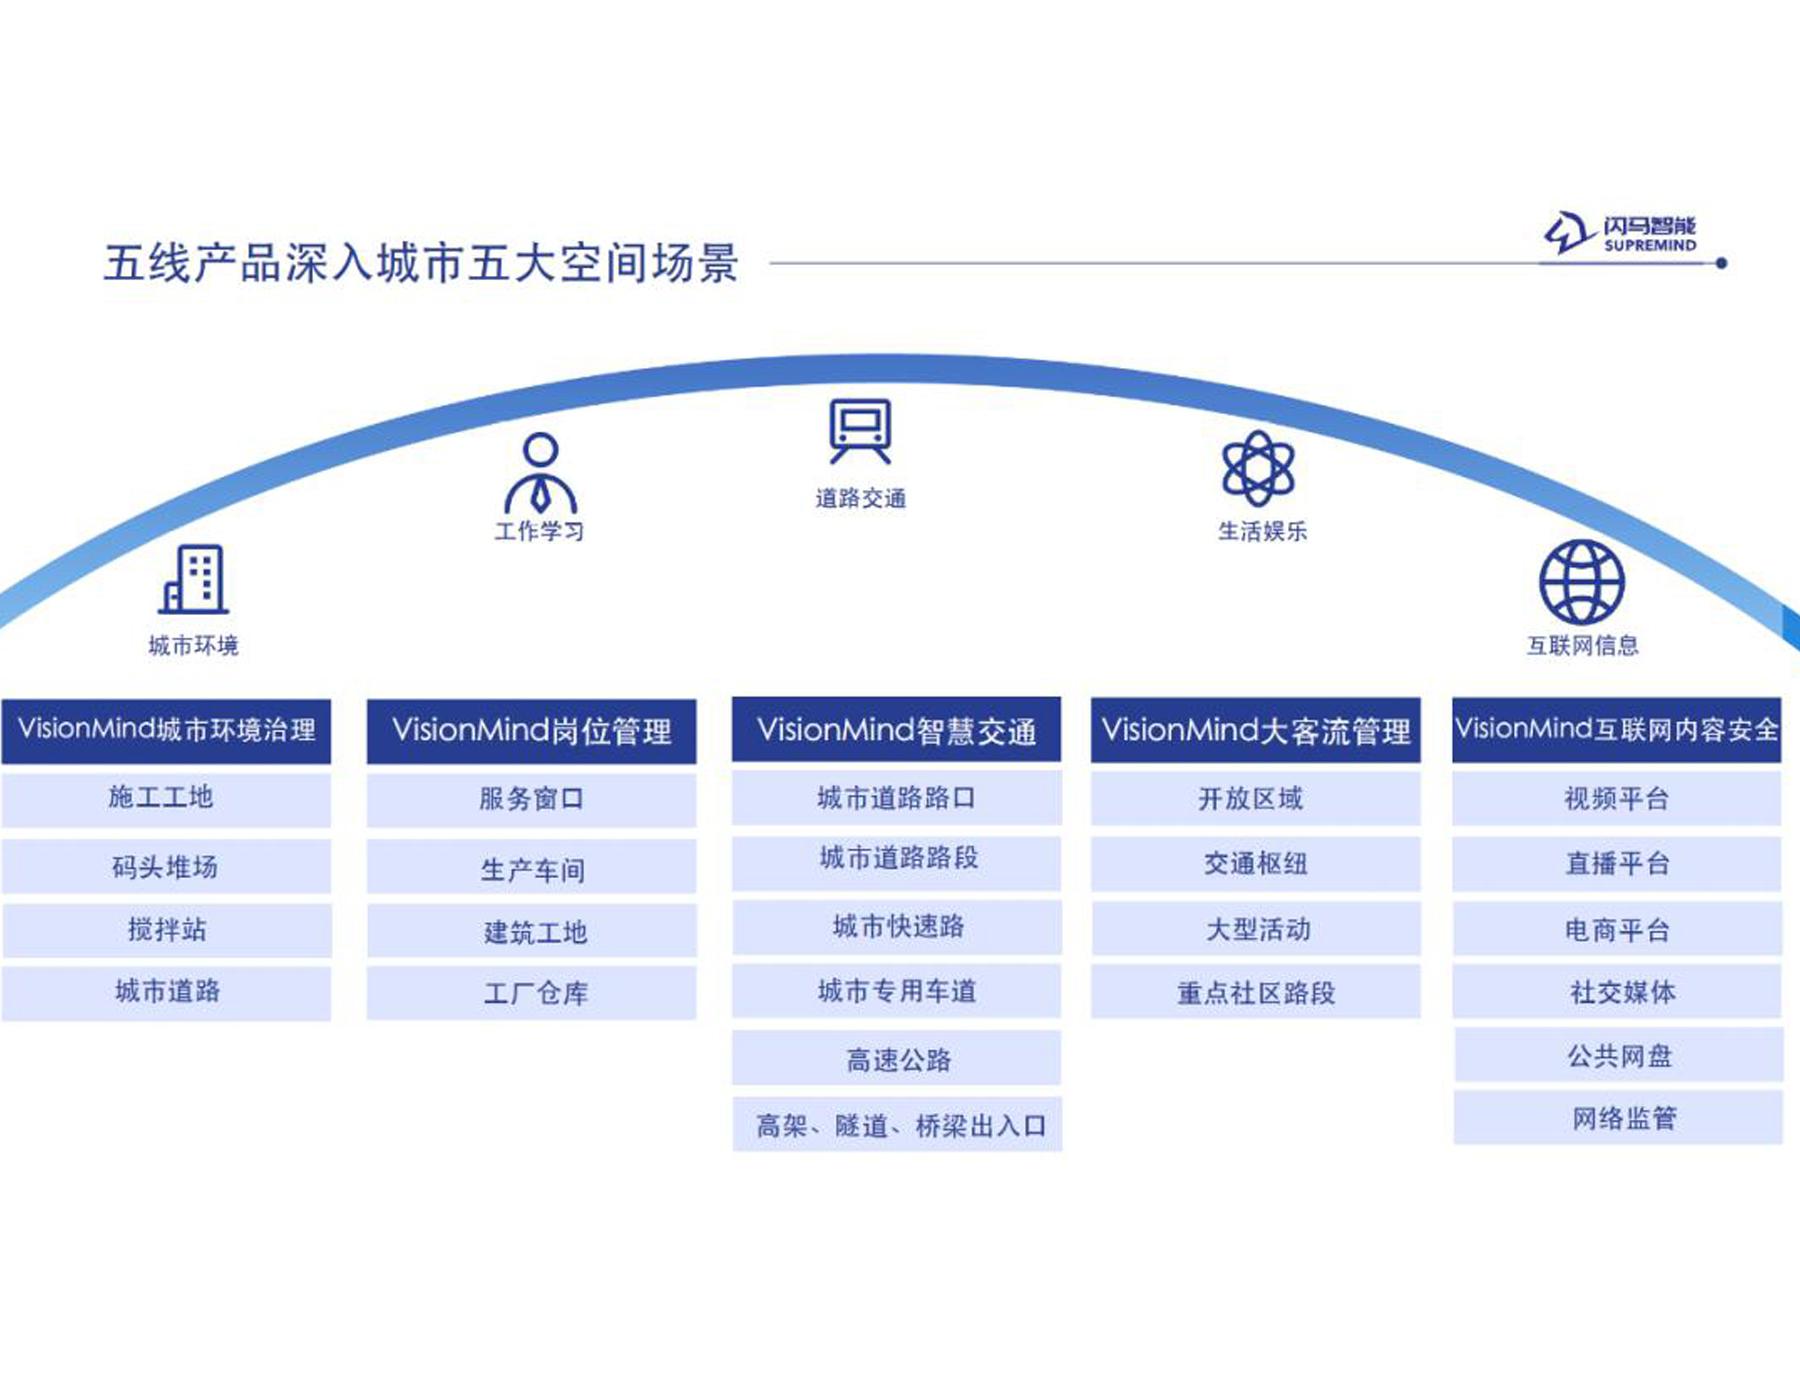 张江开发区管委会领导一行参观闪马智能,调研AI城市空间应用